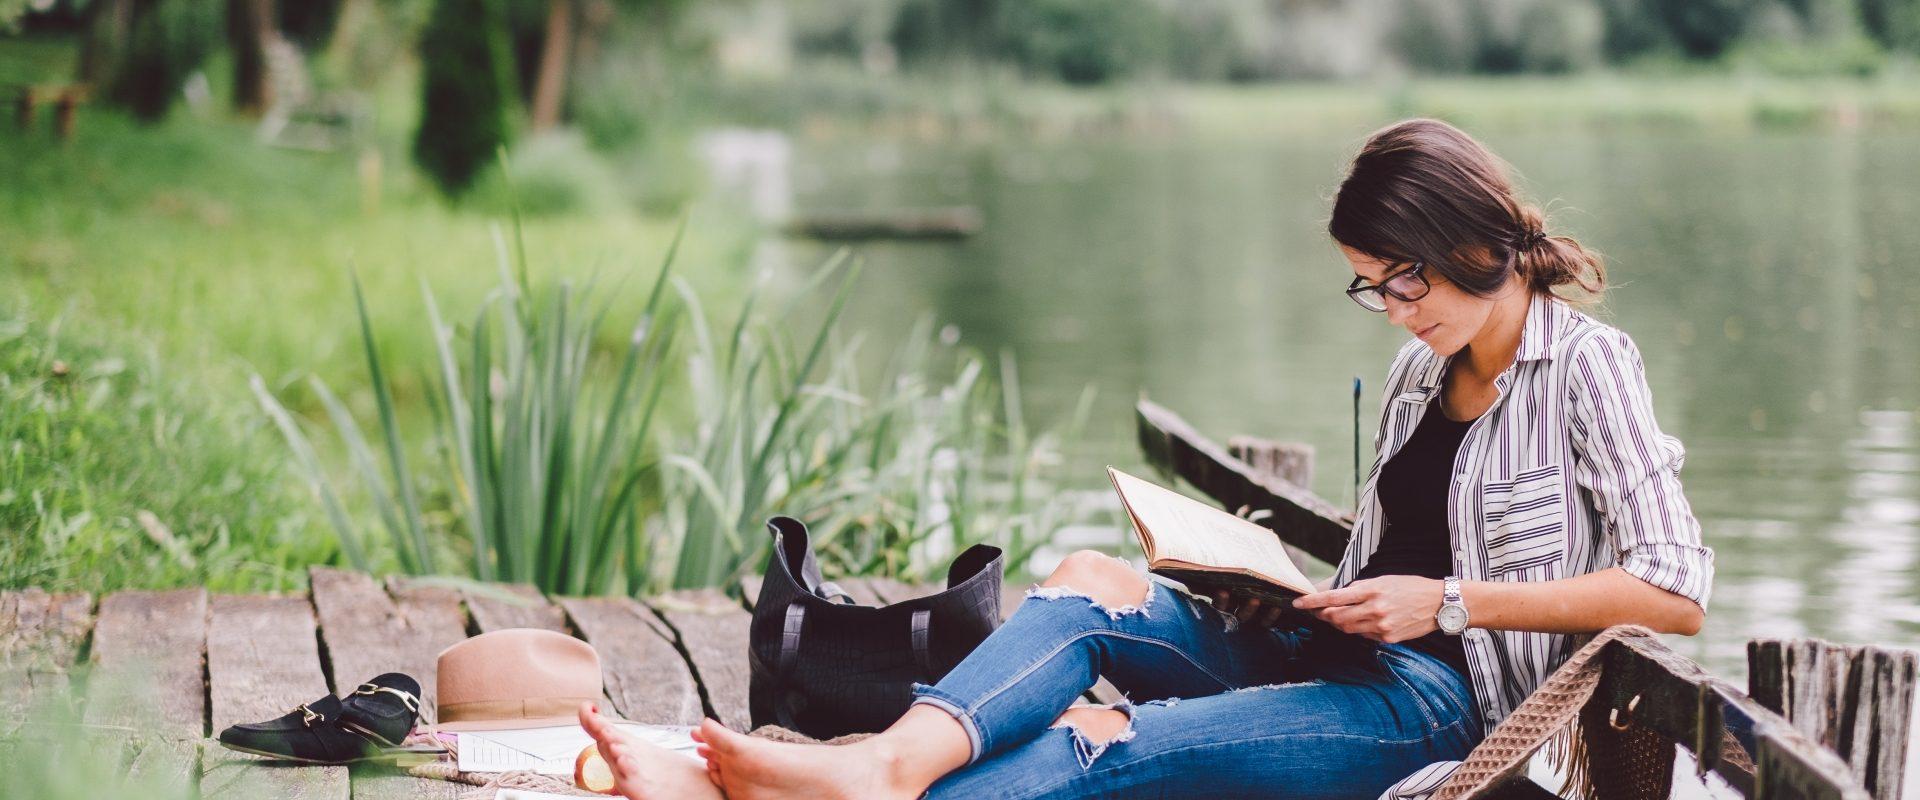 Książki na lato - kobieta w okularach w rogowej oprawce czyta książkę na pomoście nad jeziorem.